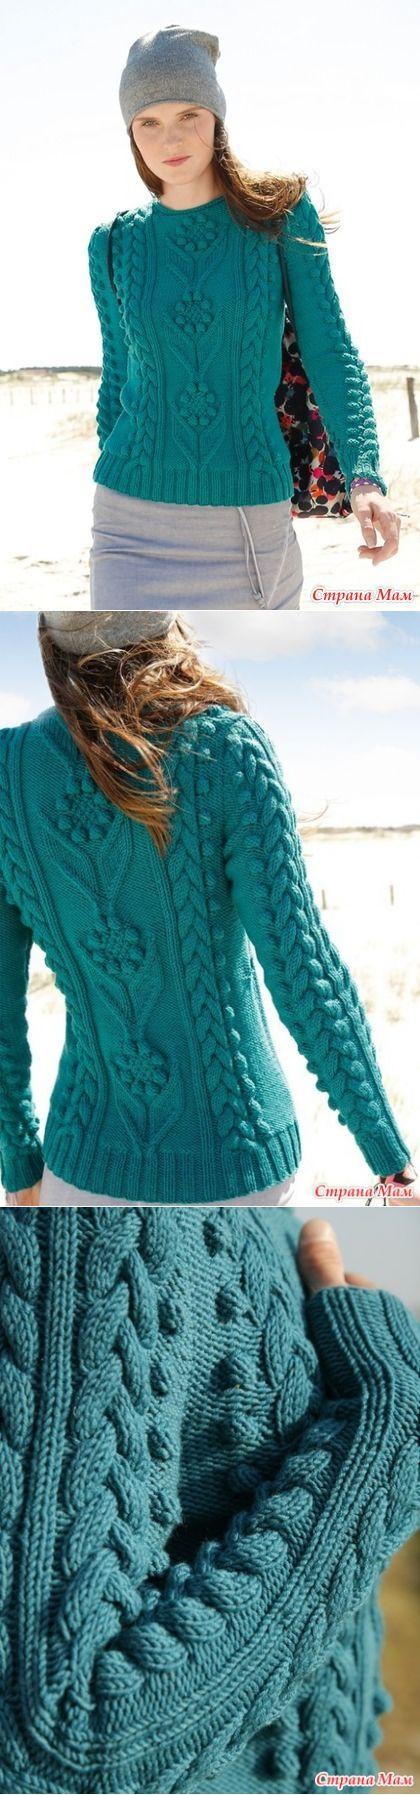 Очаровательный пуловер - Вязание - Страна Мам